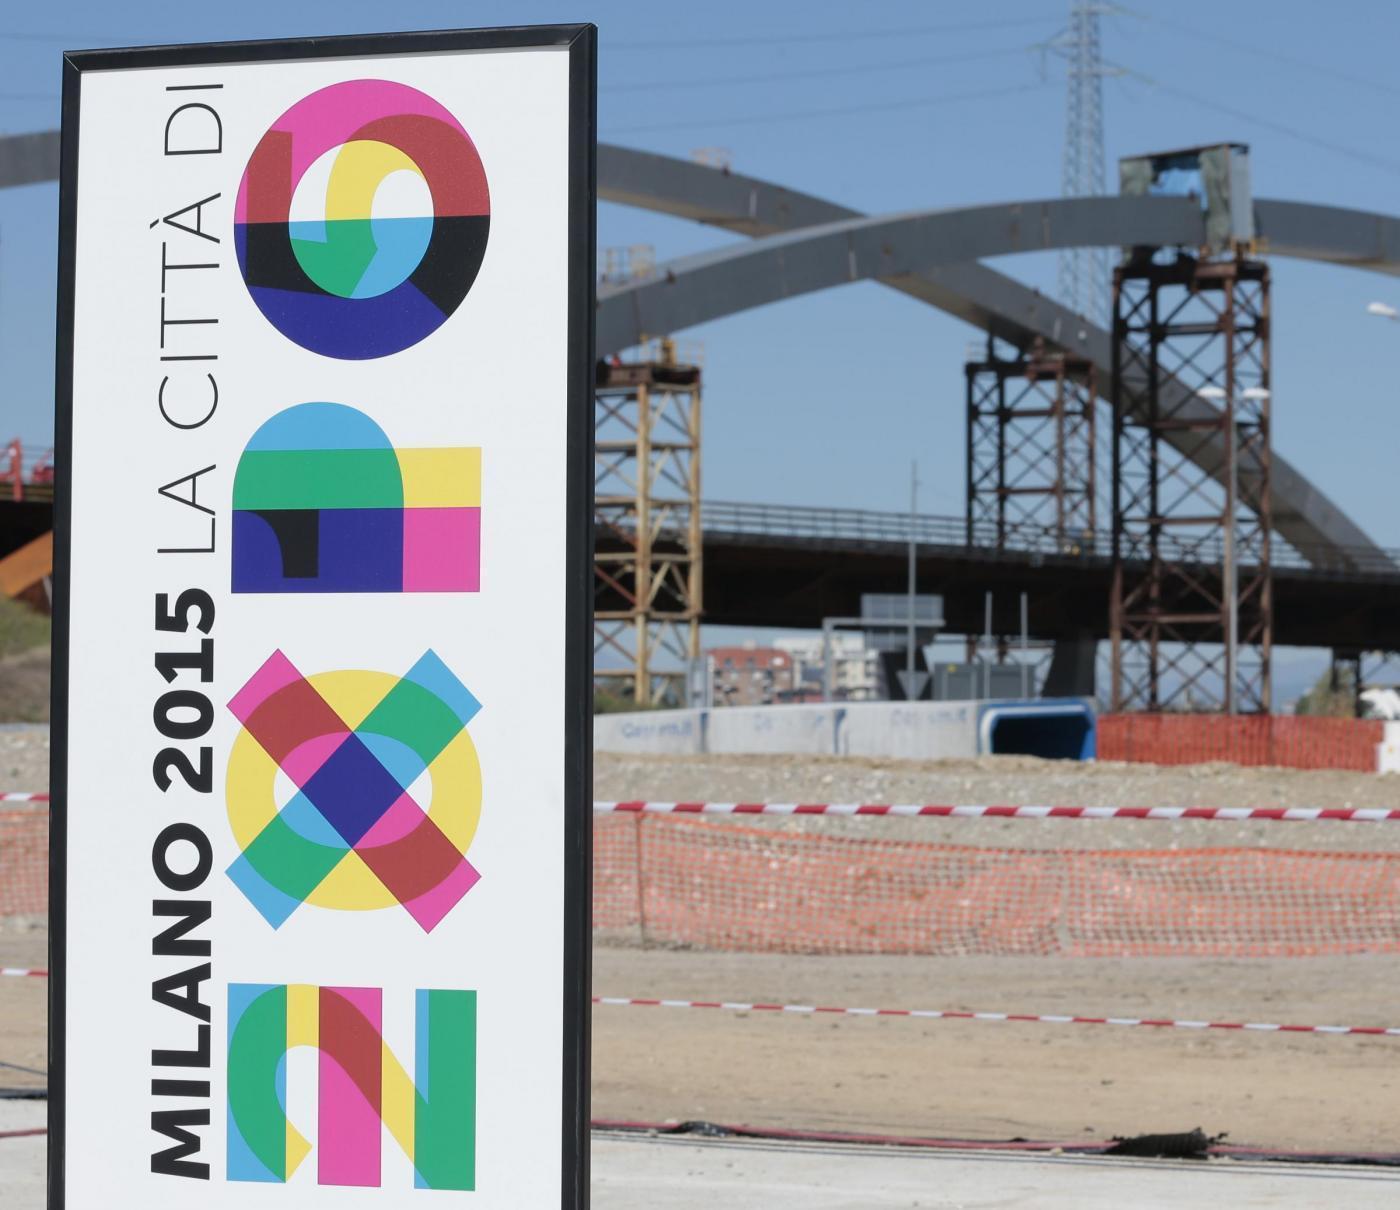 Expo 2015, vediamoci chiaro su speculazioni e danni ambientali